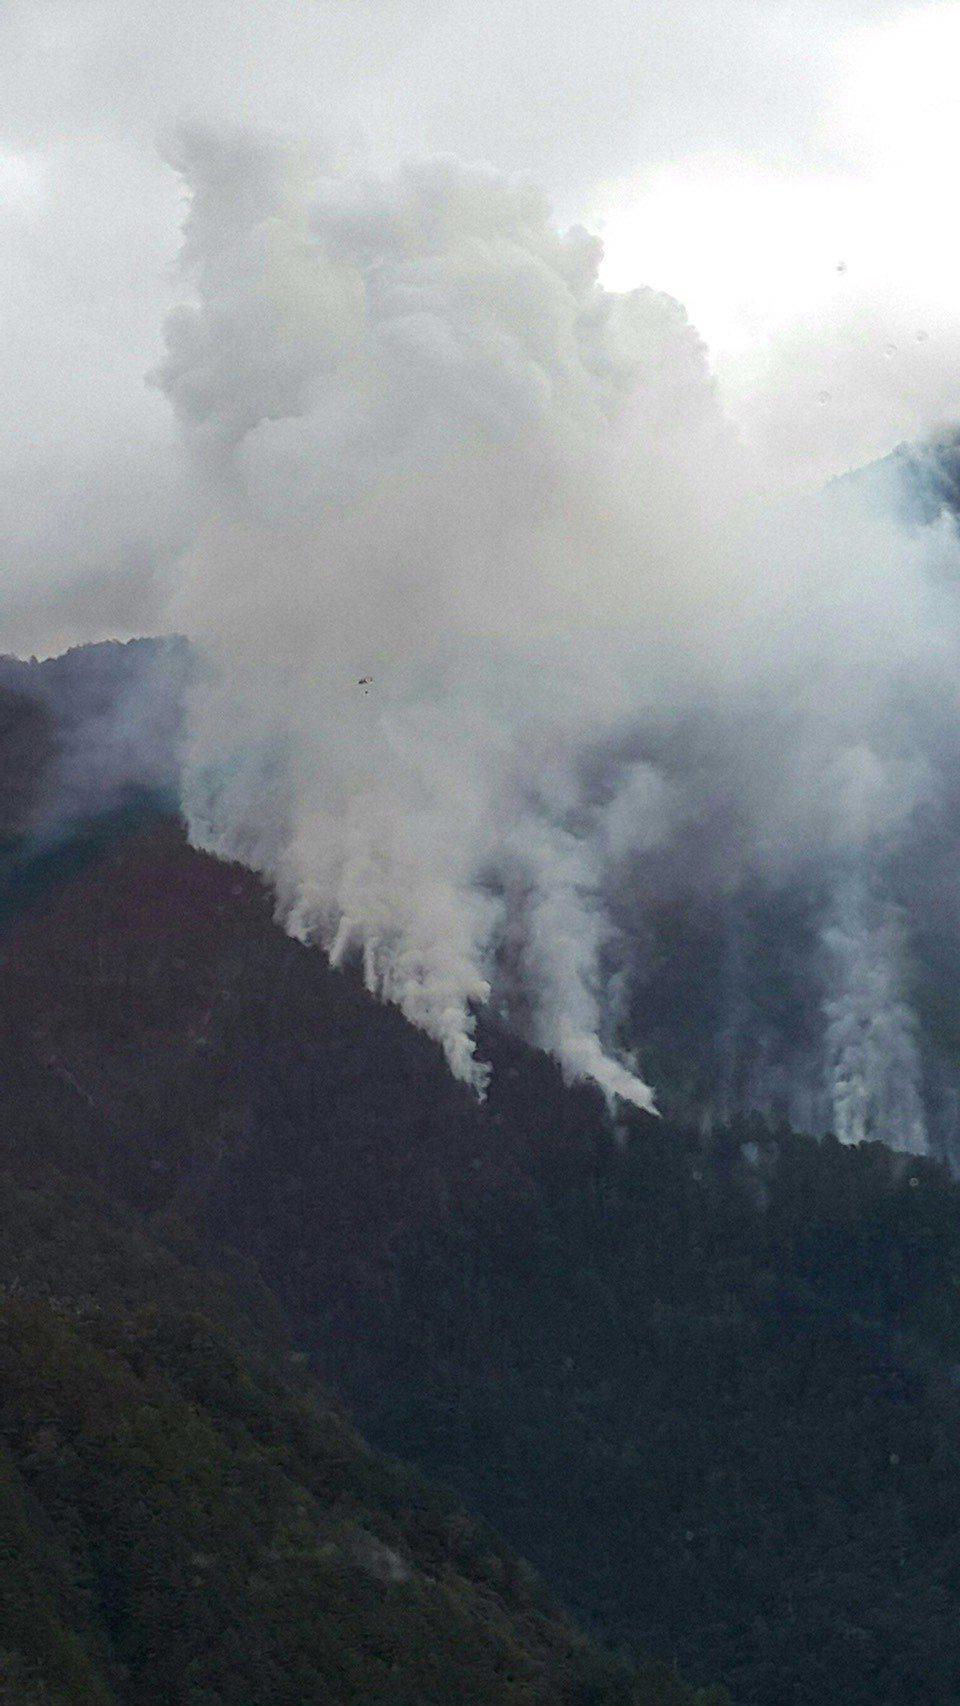 空勤總隊直升機到高山協助滅火,在大火濃煙中,可看到直升機只剩一個黑點,任務危險。...